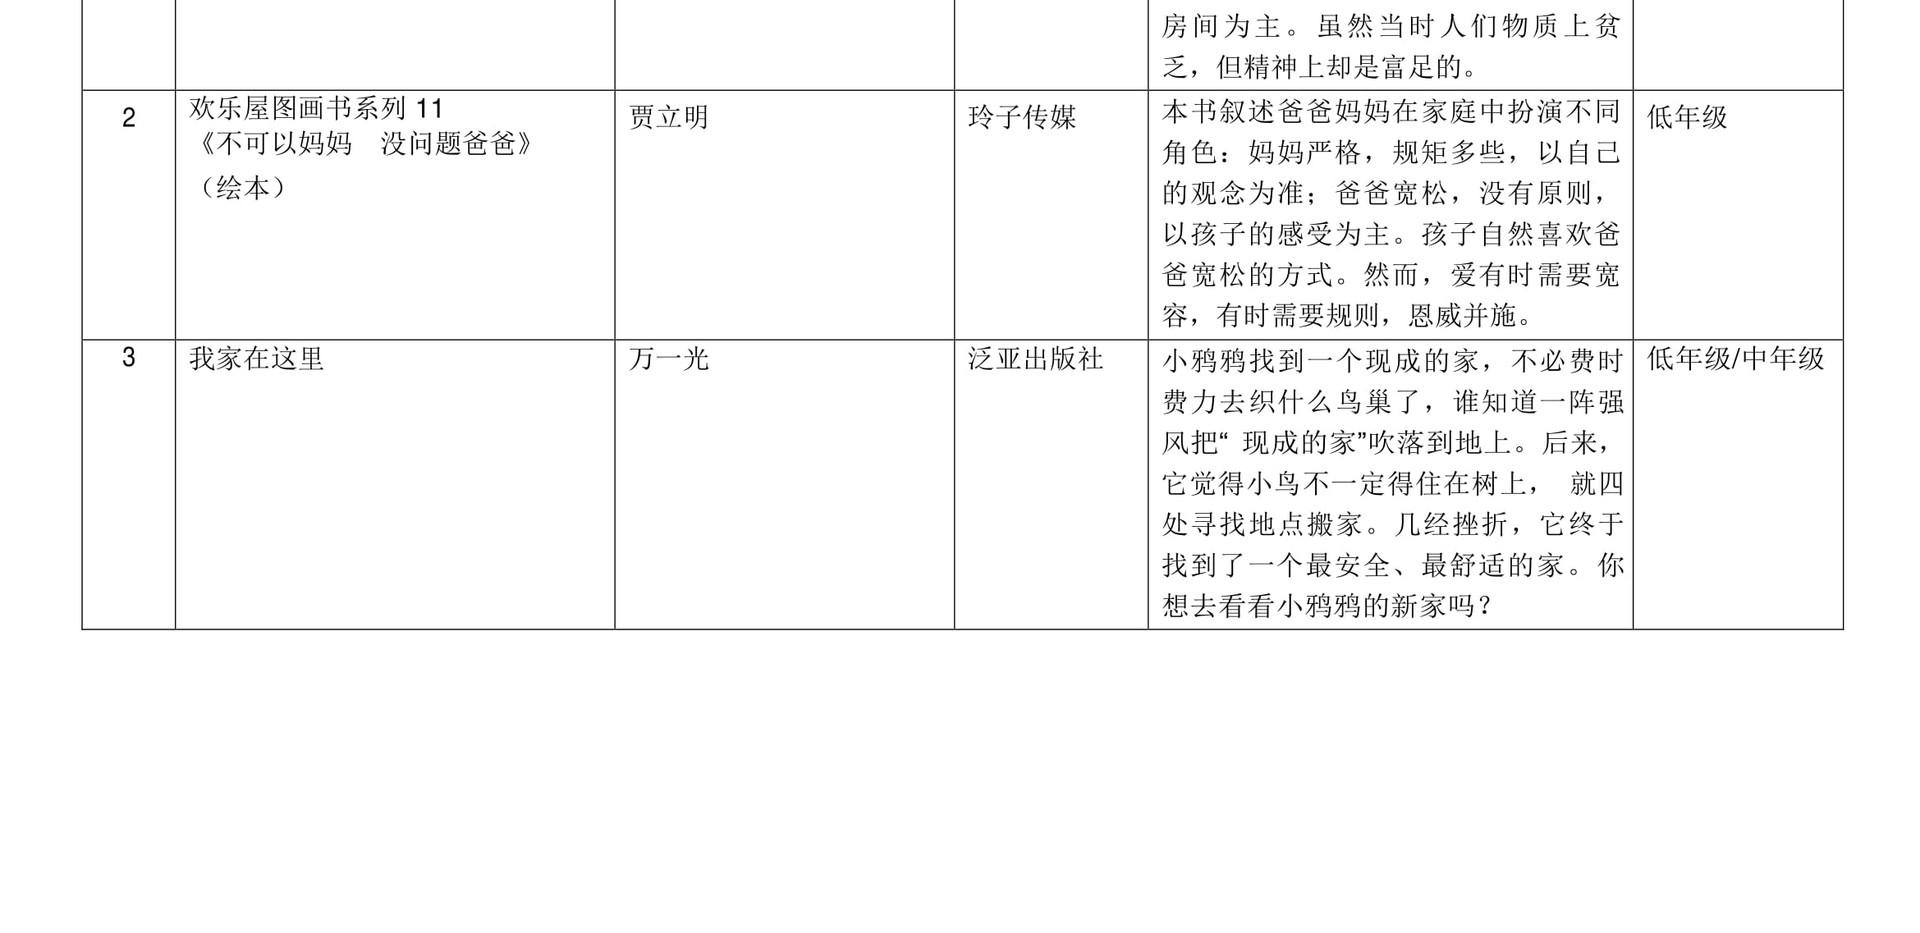 小学华文课外读物参考书目1.jpg